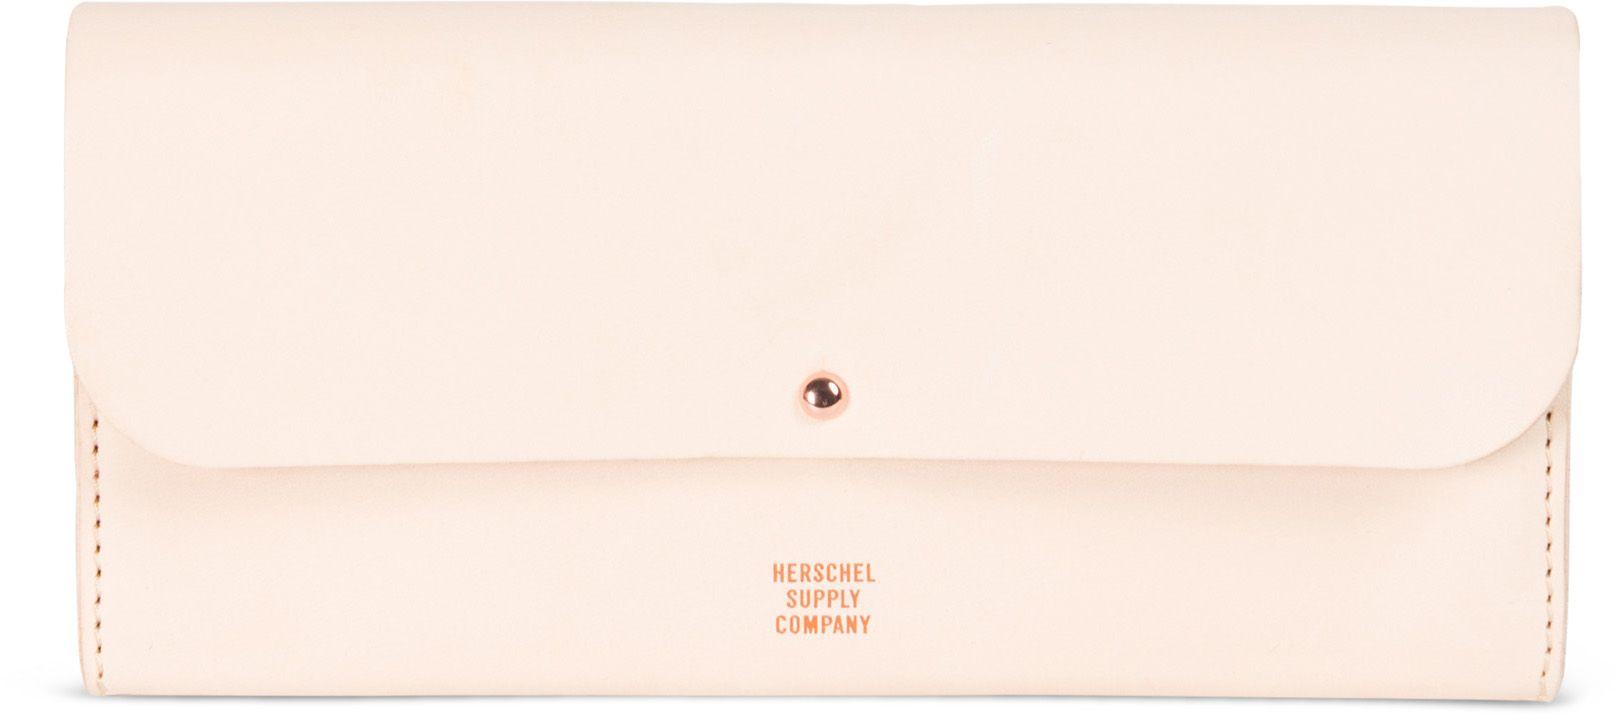 HERSCHEL Herschel Geldbörse, »Distance, Natural Leat«